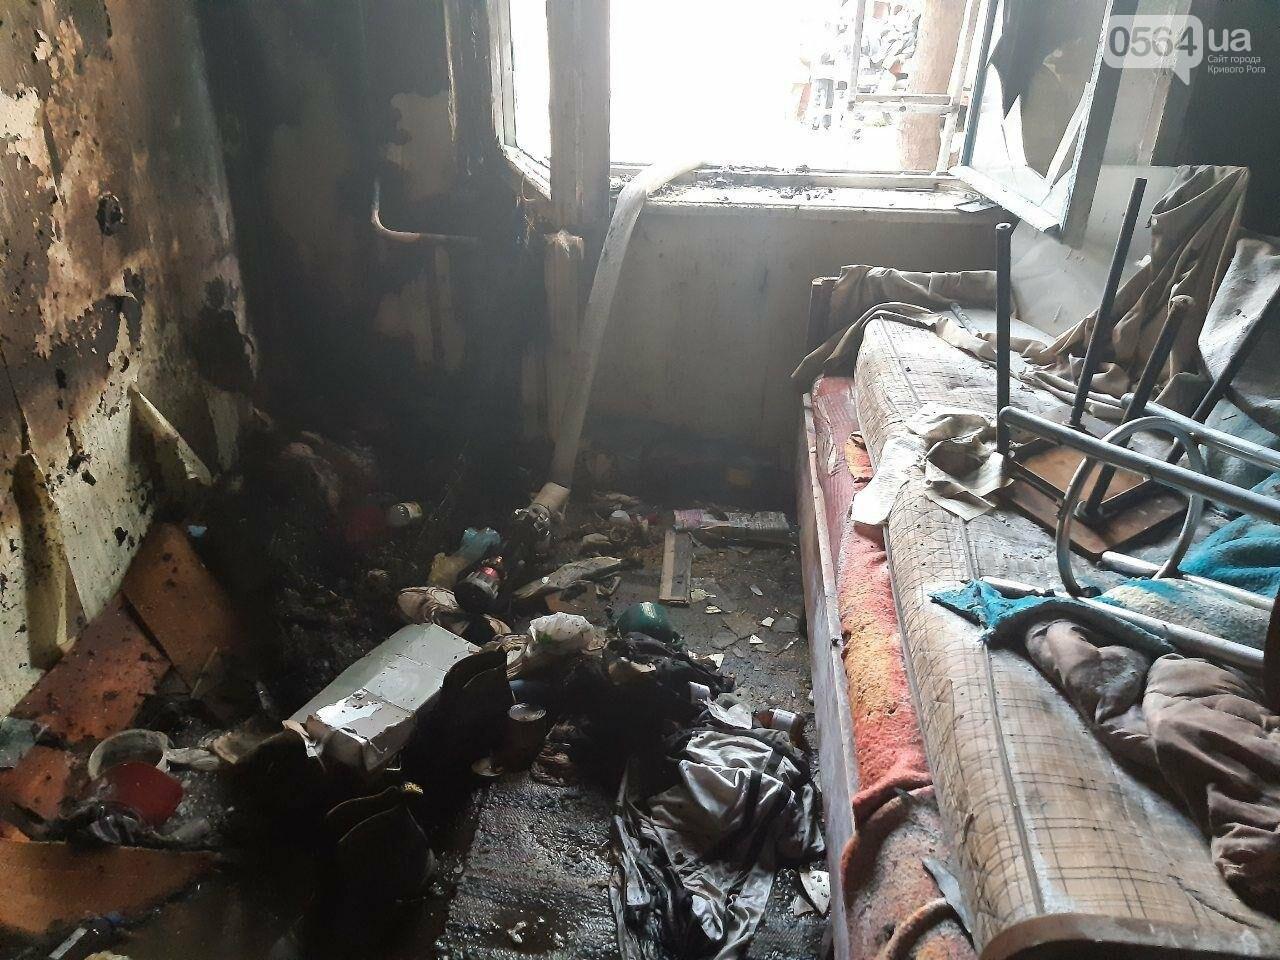 Во время пожара в многоэтажном доме чуть не сгорел 57-летний криворожанин, - ФОТО , фото-3